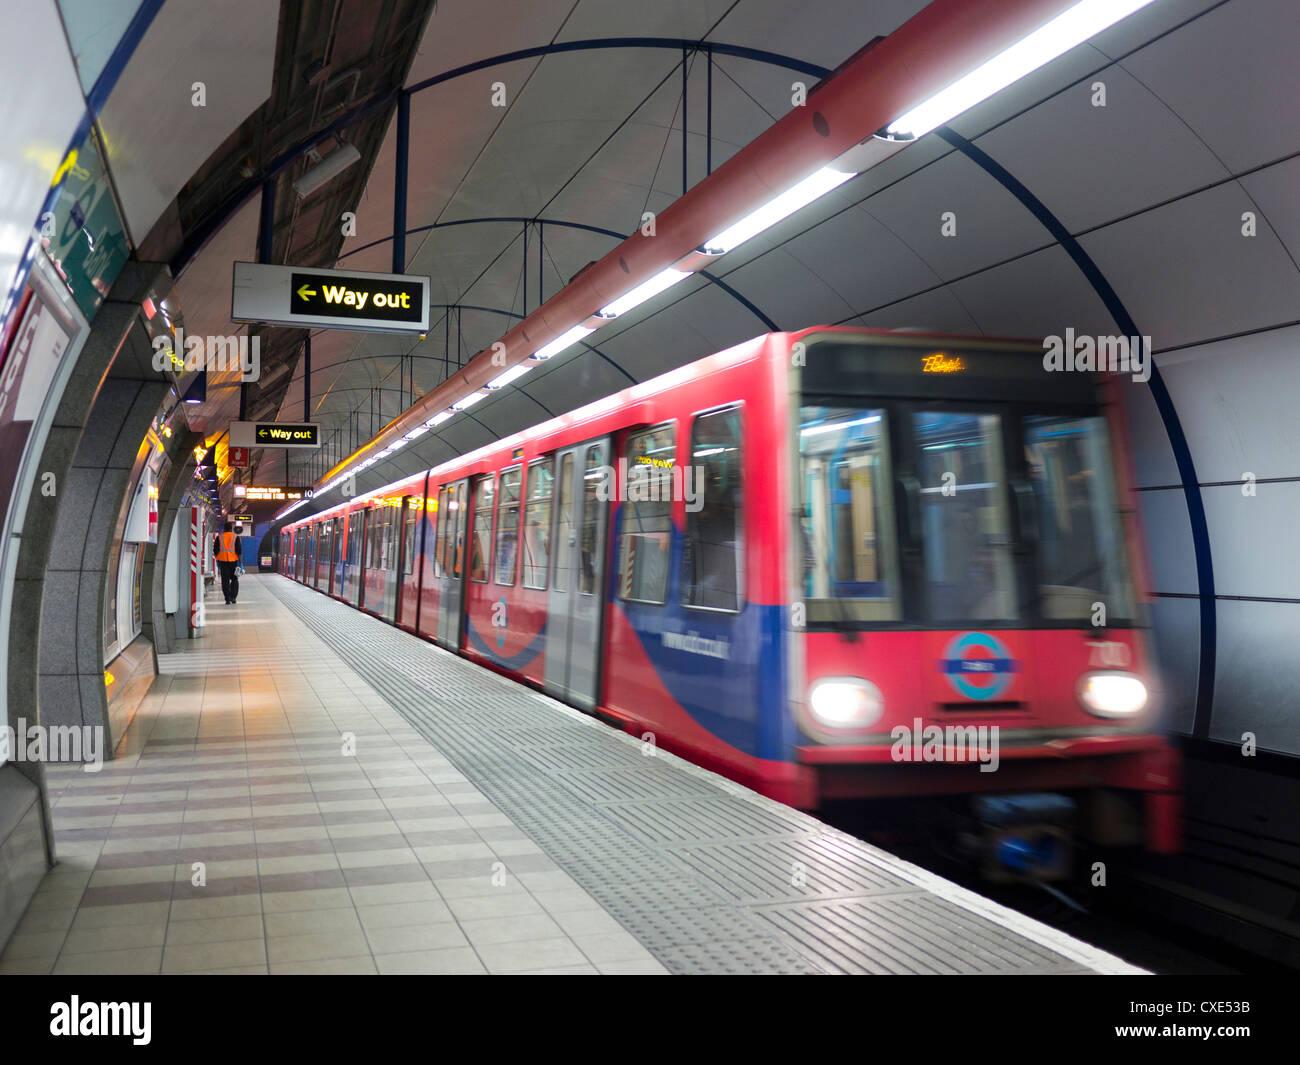 Underground Train departing station, London, England, UK - Stock Image